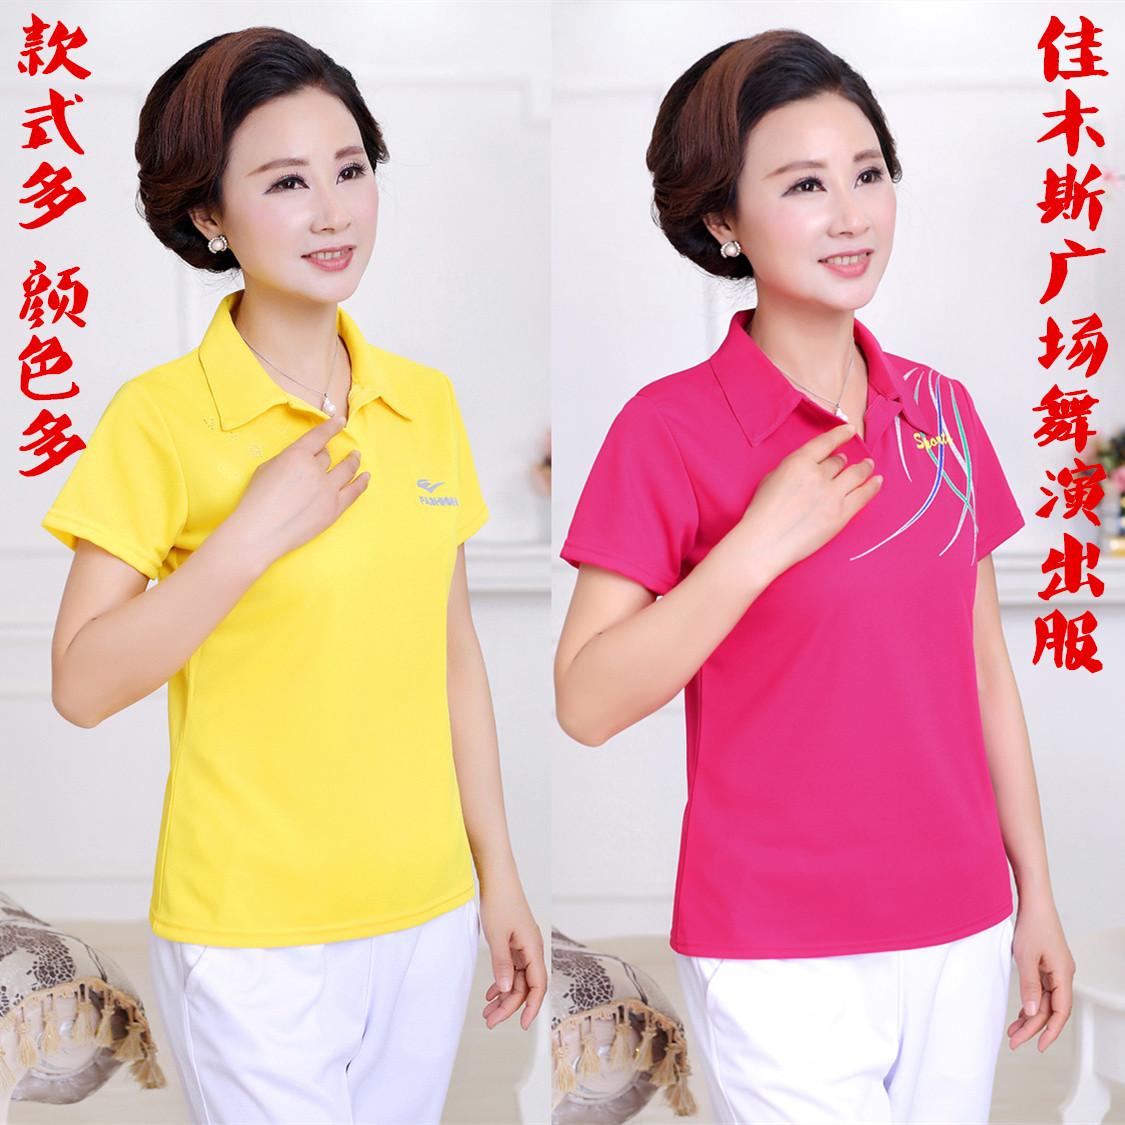 男女情侣款短袖T恤衫中老年佳木斯广场舞夏运动服装上衣健美活动